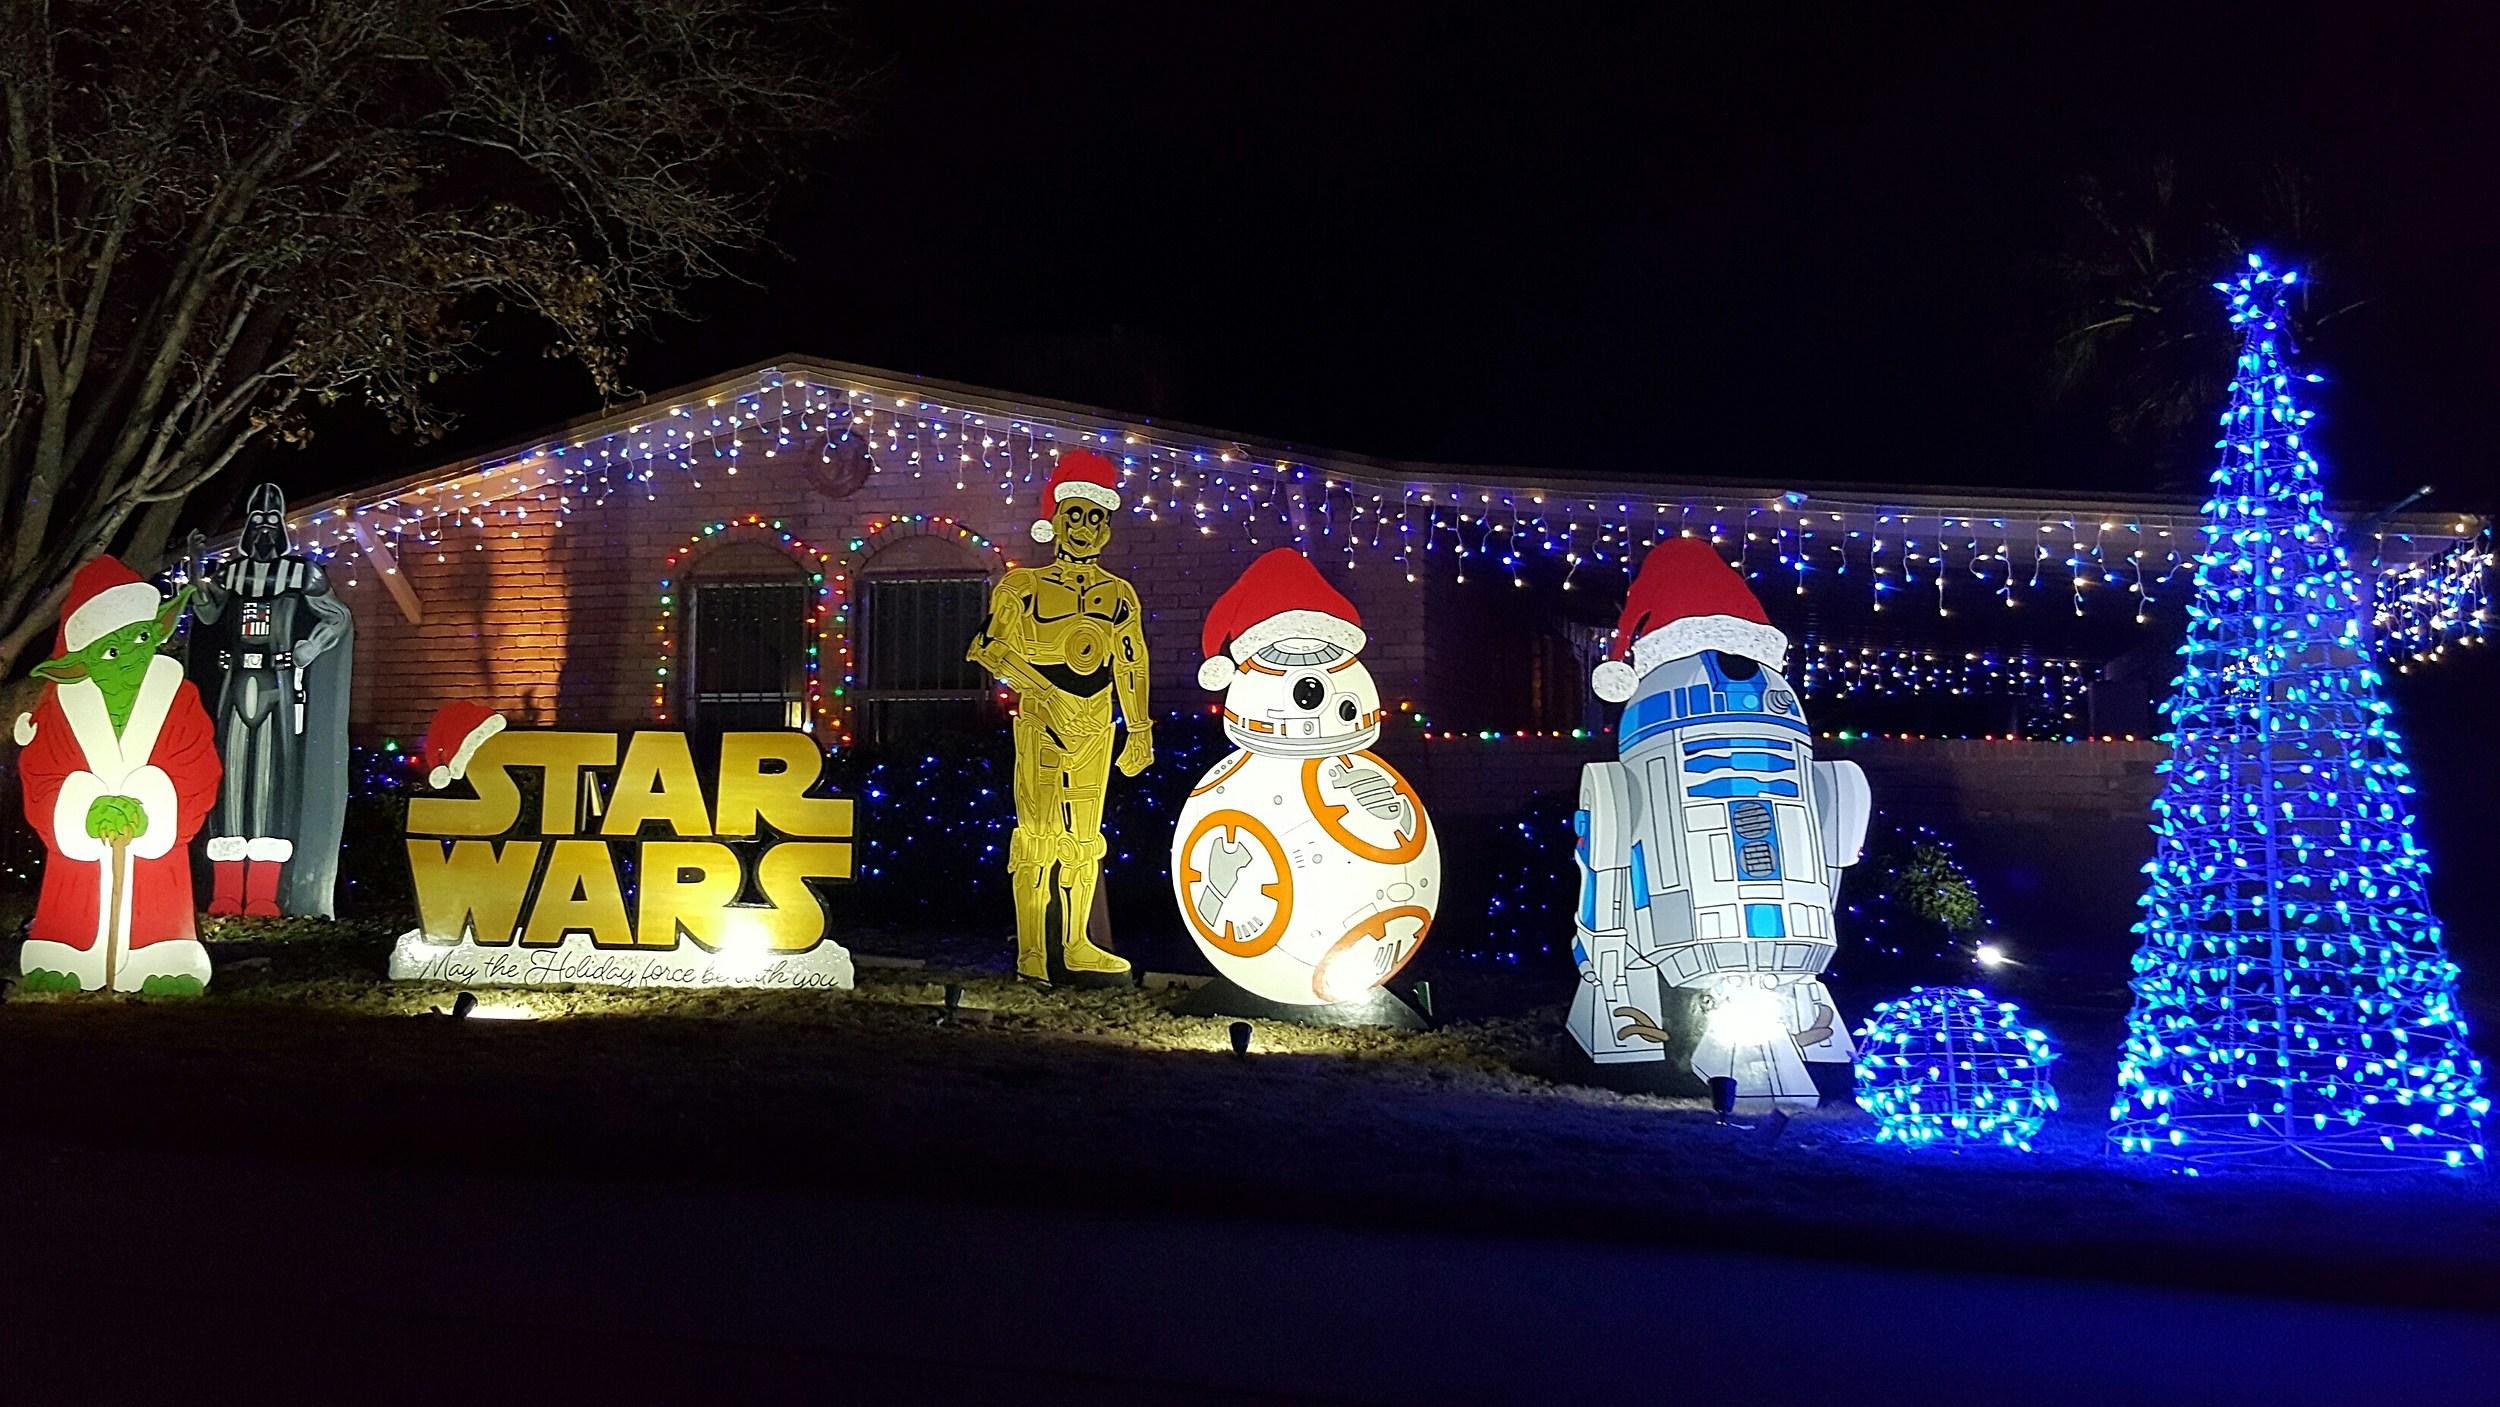 & El Pasou0027s Eastridge Neighborhood Lights Up for Christmas